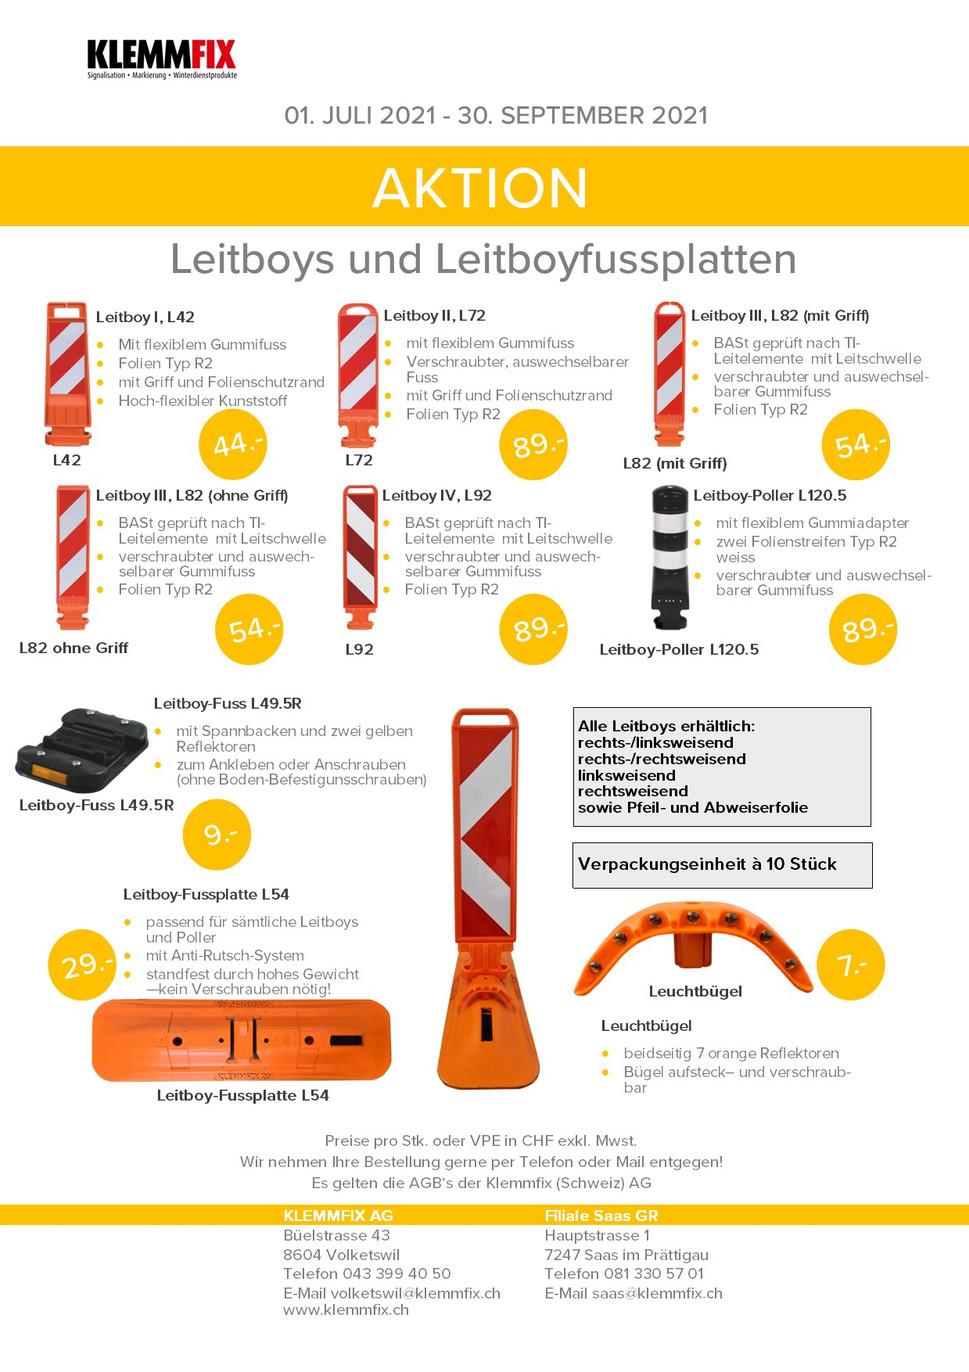 Leitboy_Leitboyfussplatten_Aktion_Flyer.jpg